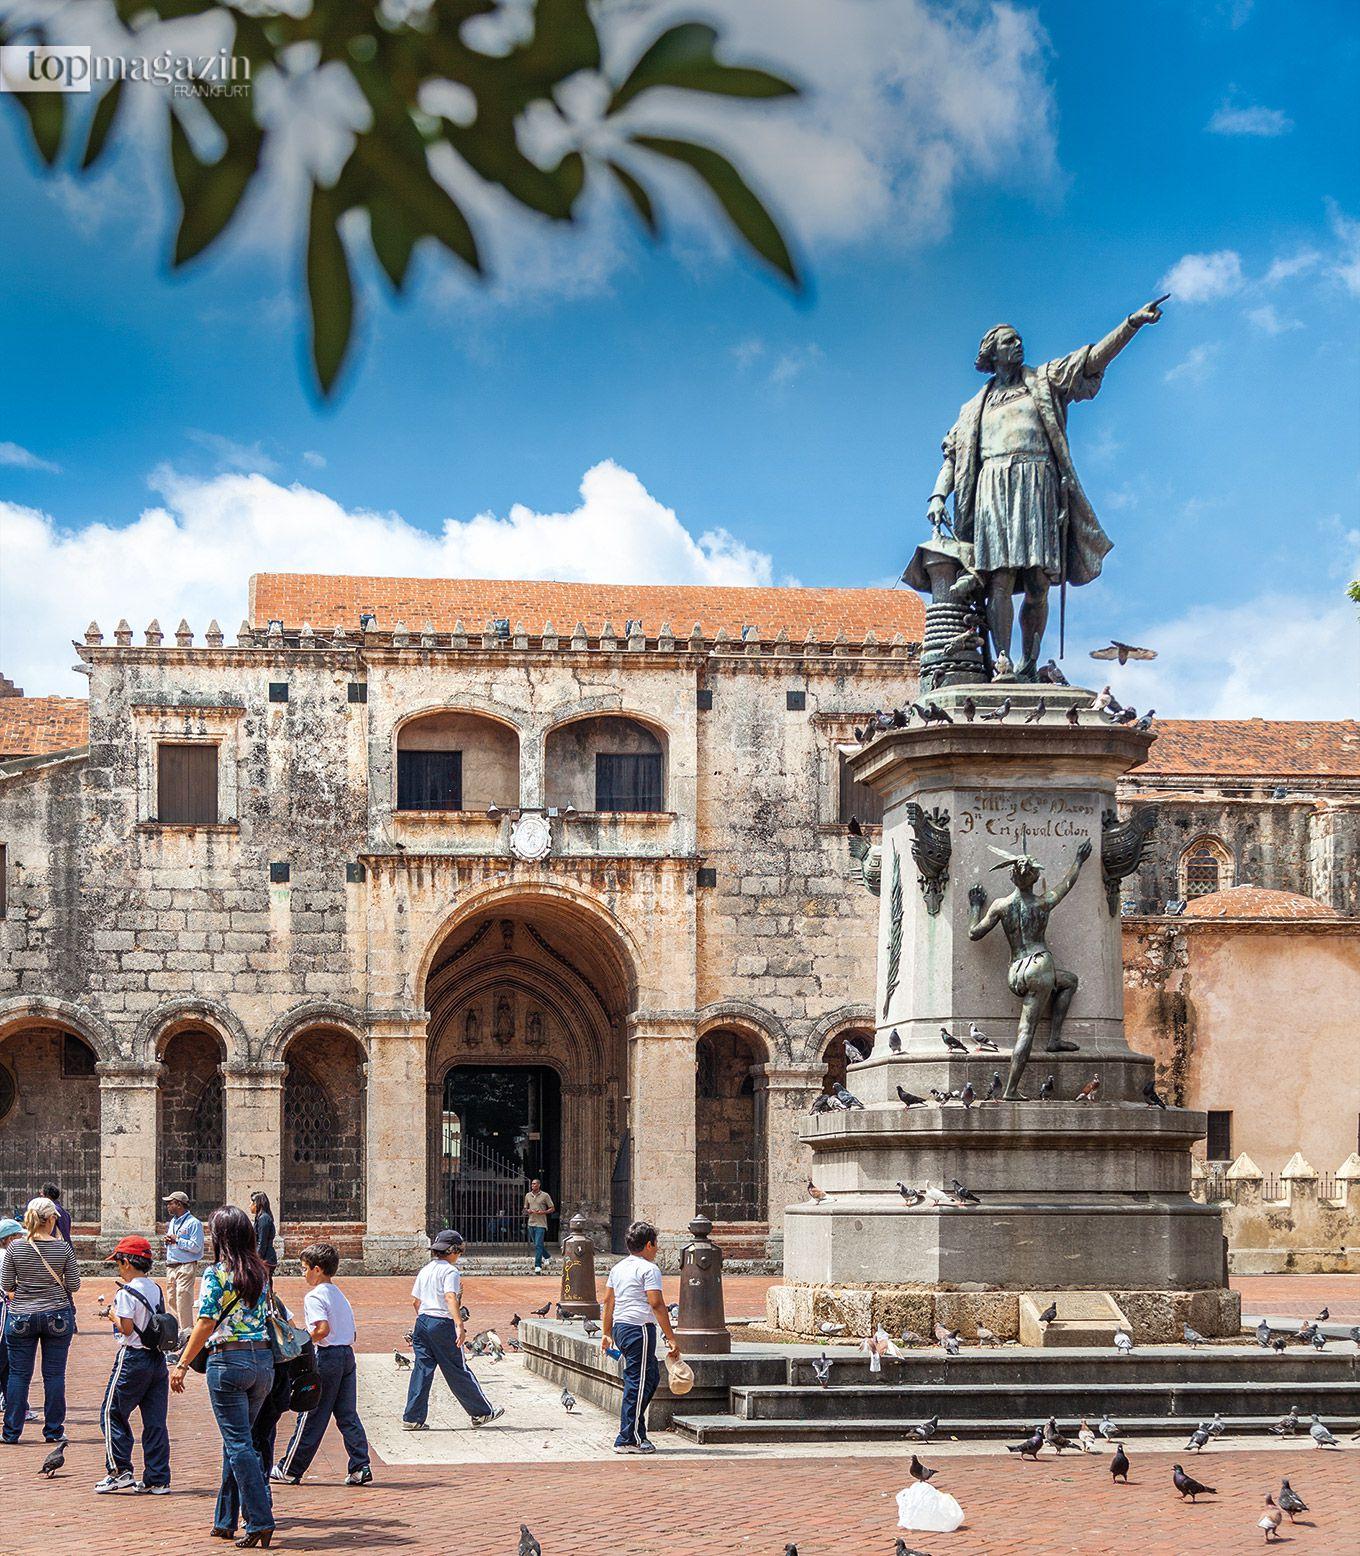 Die Statue von Cristóbal Colón (Kolumbus) auf dem Plaza Colón vor der ältesten Kathedrale Amerikas